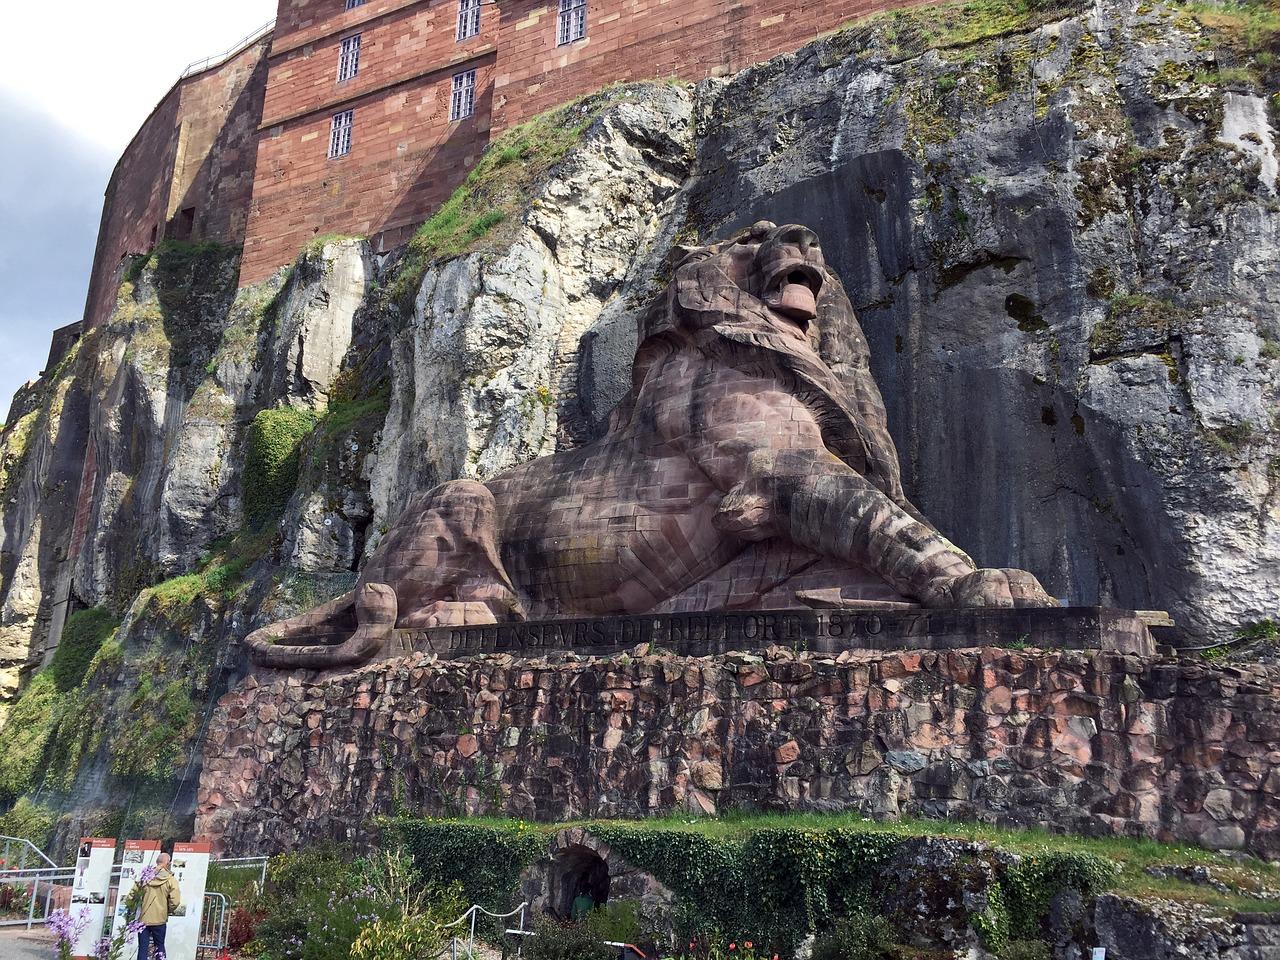 Le Lion et la citadelle de Belfort sont sélectionnés pour concourir au Monument préféré des Français.